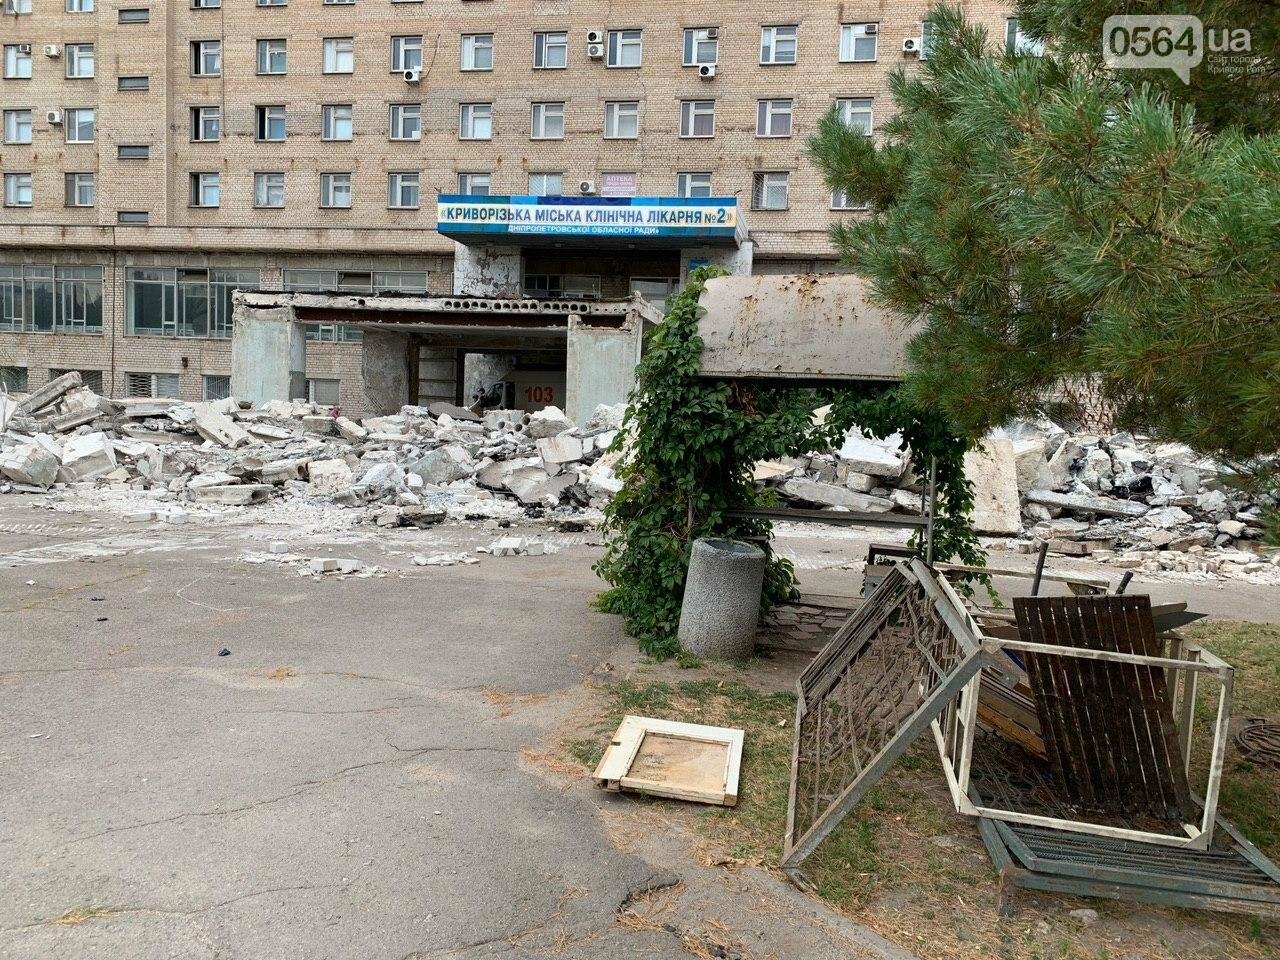 """В Кривом Роге стартовала реконструкция входа в главный корпус """"тысячки"""", - ФОТО, фото-26"""